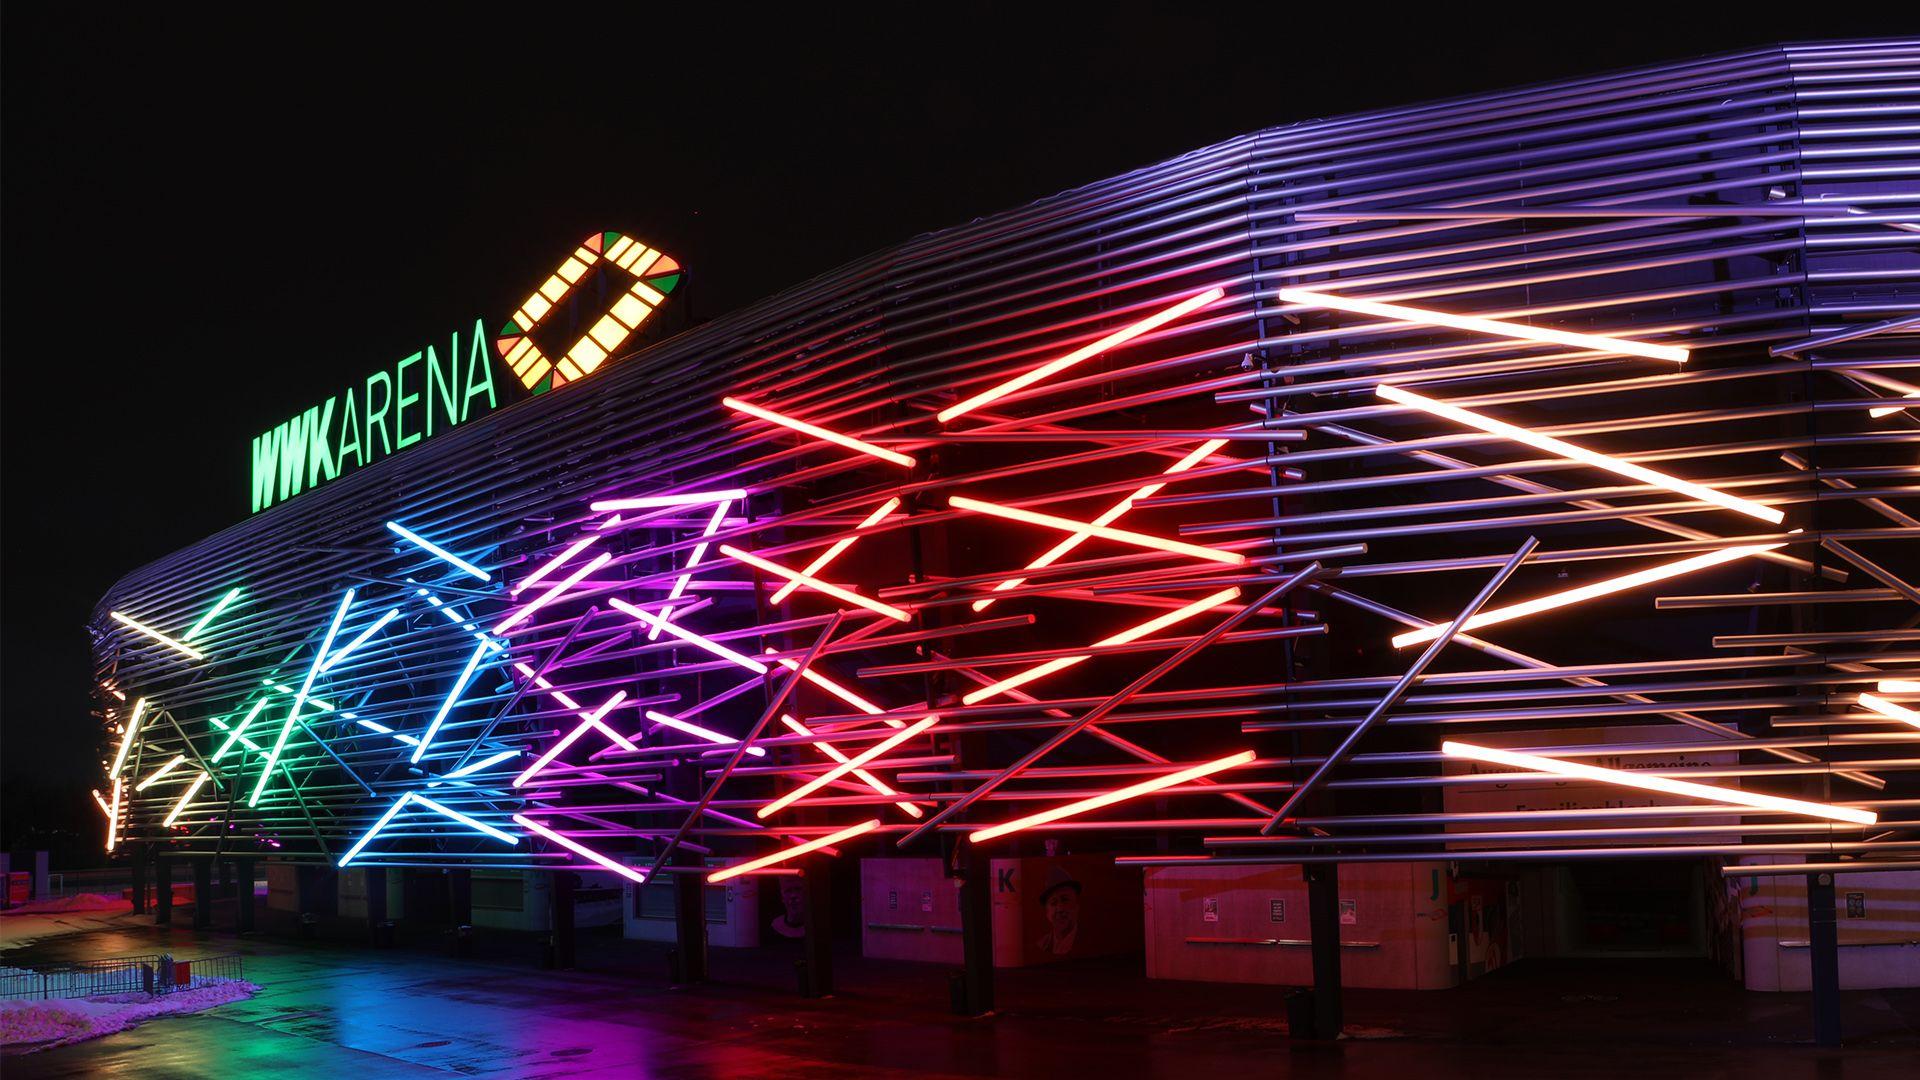 20210622 Wwk Arena Leuchtet Zum Laenderspiel Bunt